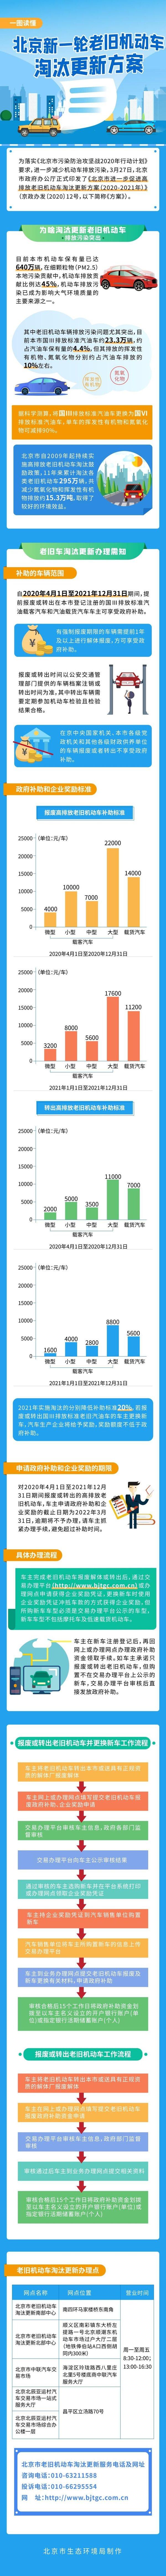 让你一图读懂!北京新一轮国三机动车淘汰更新方案